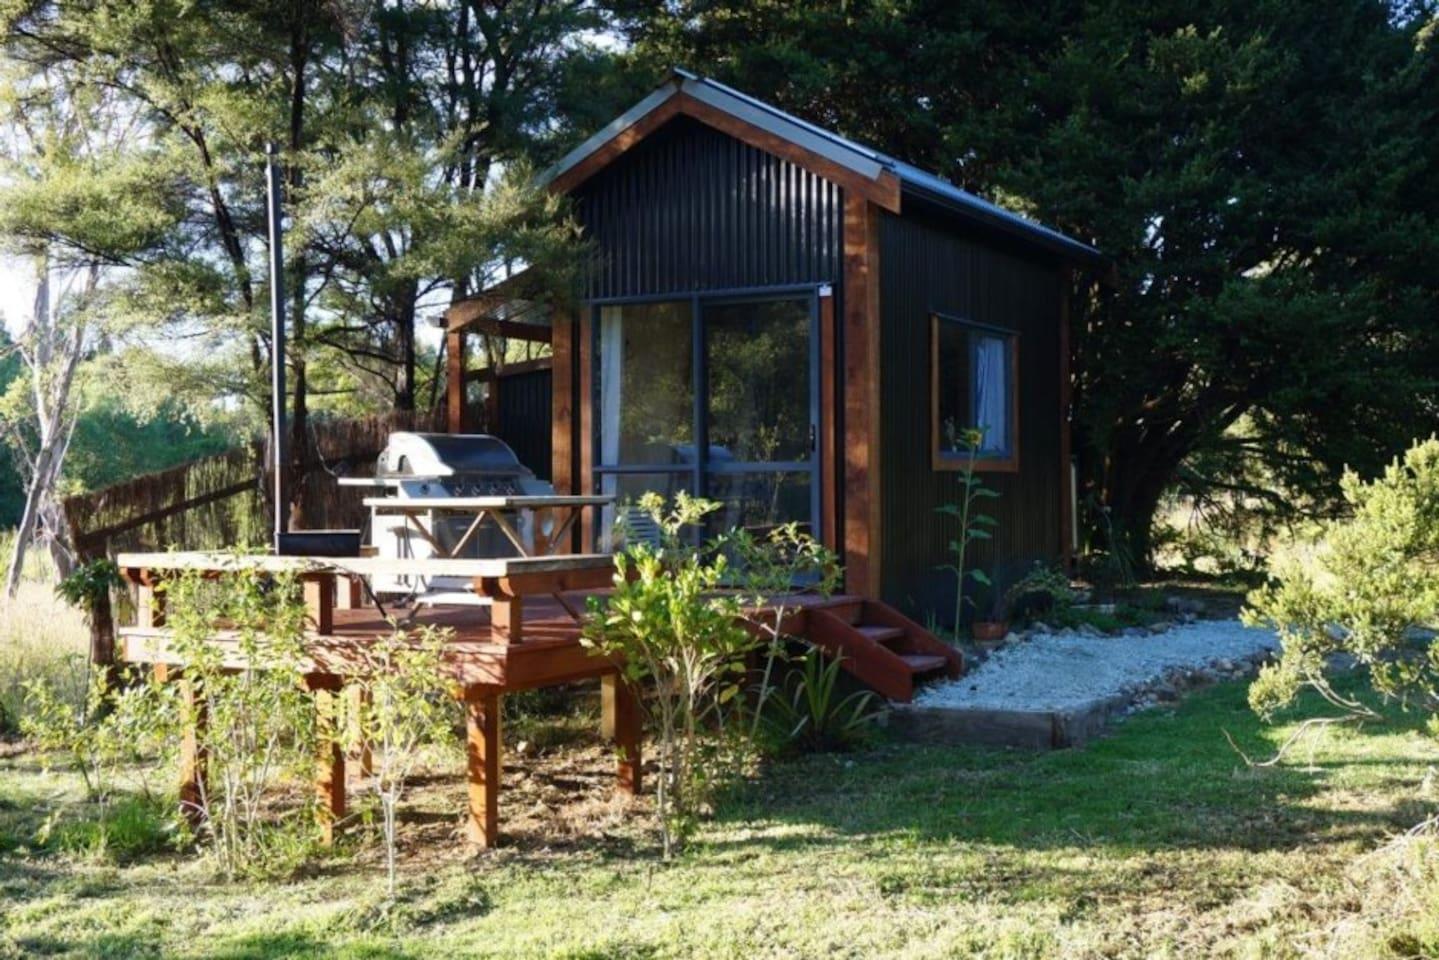 Totara tree cabin